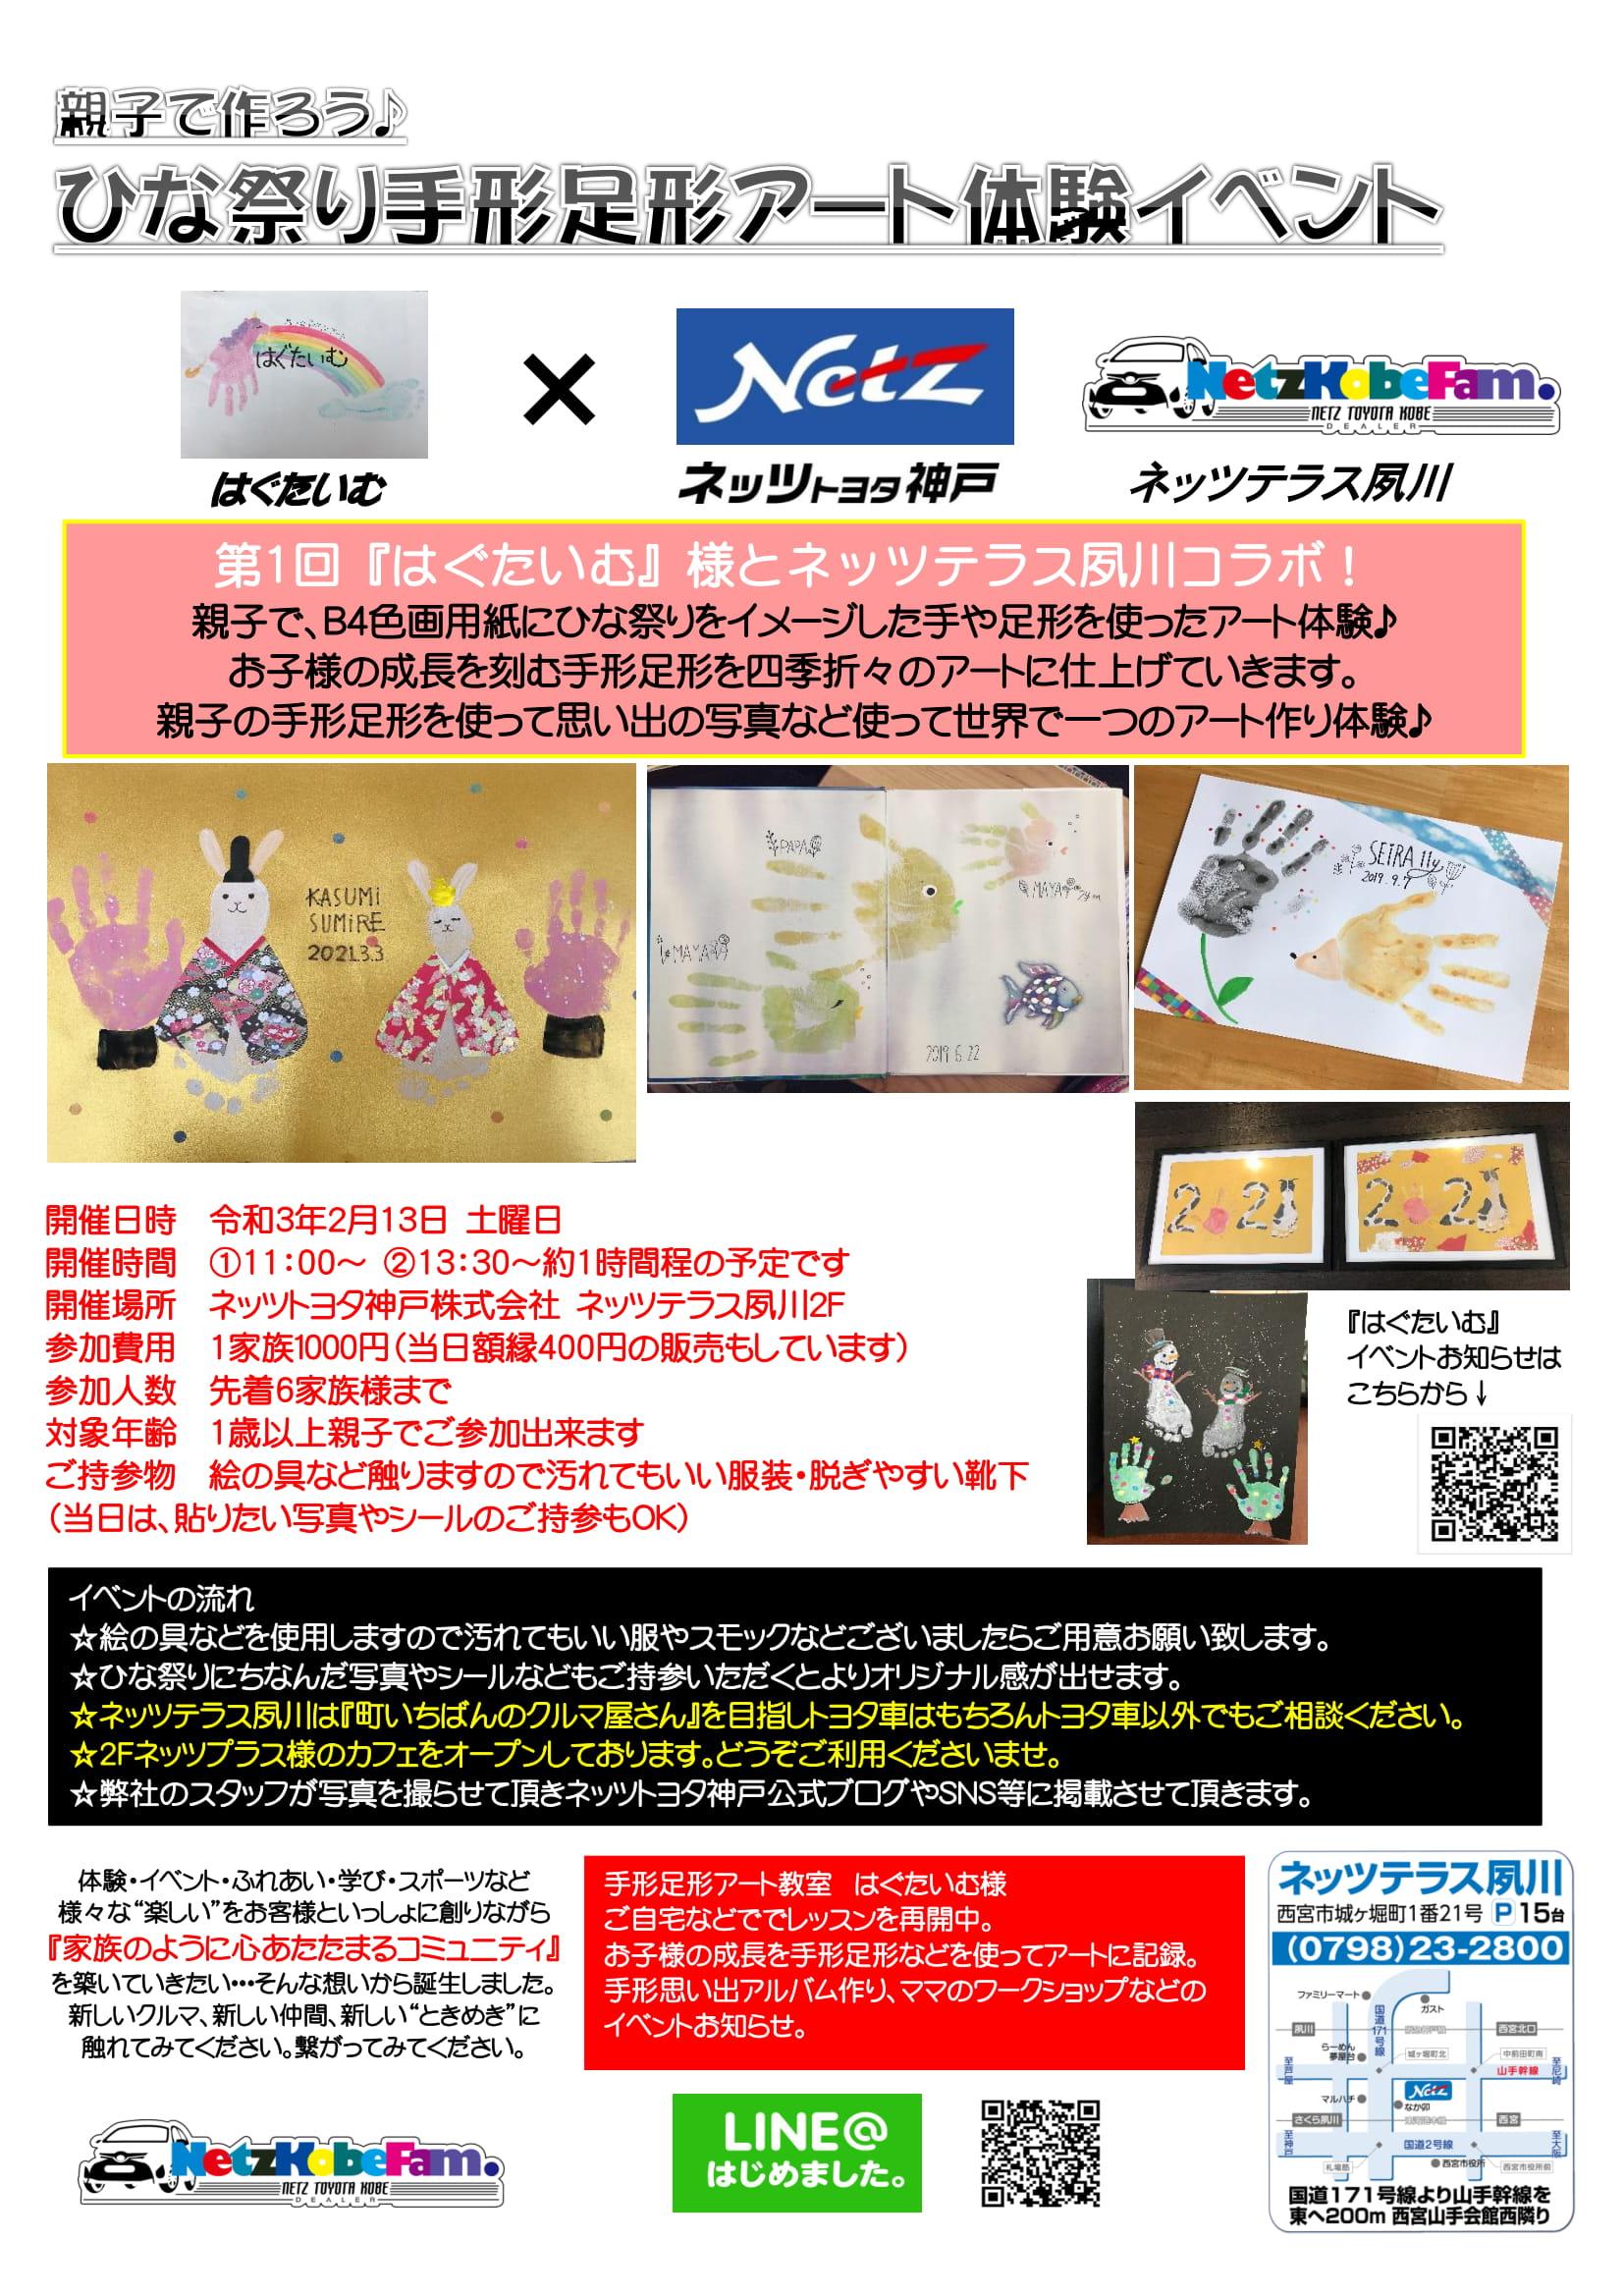 ひな祭り手形足形アート体験イベント